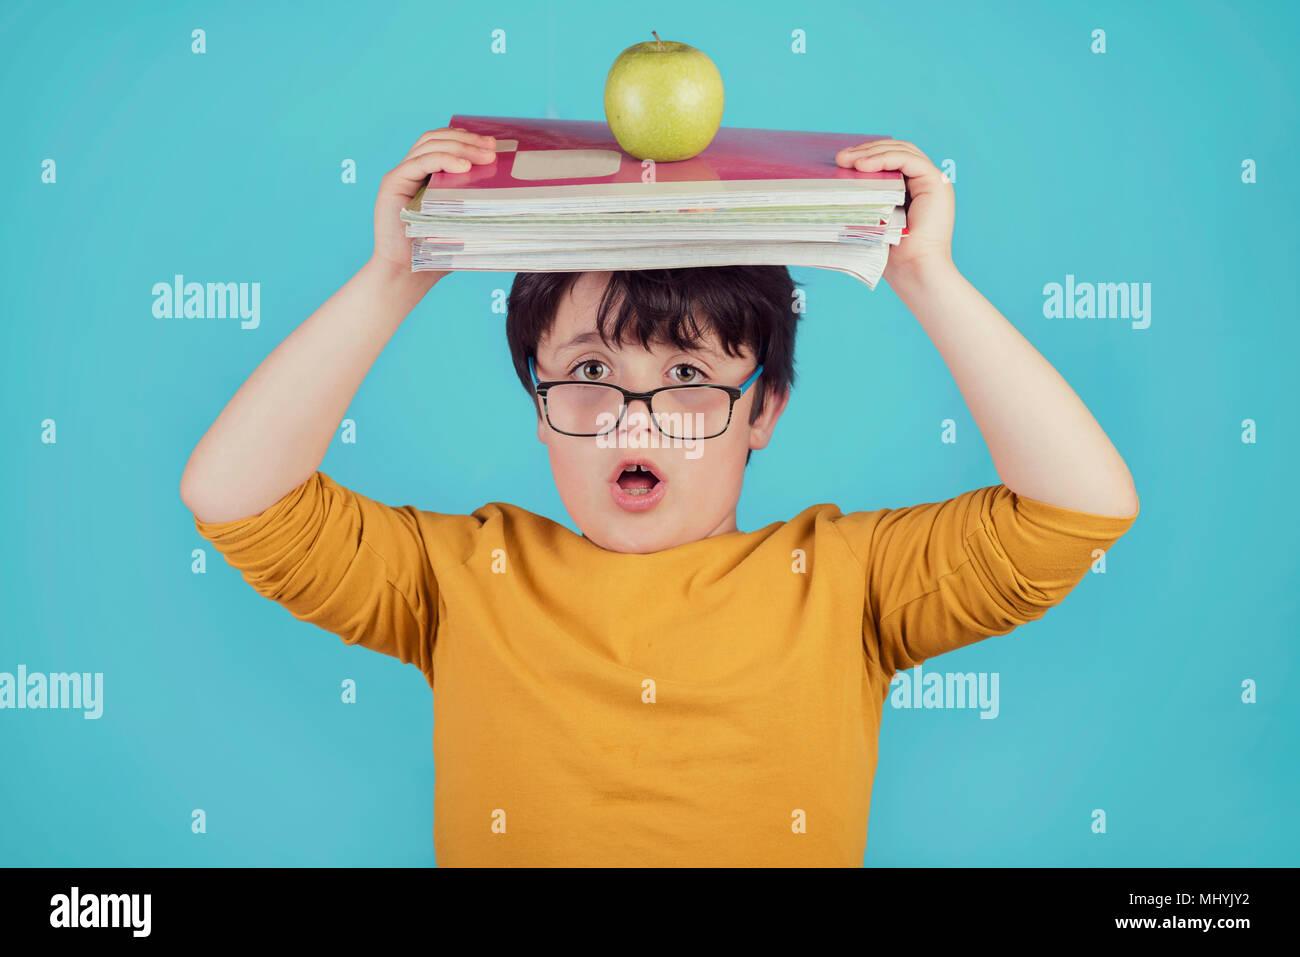 Sorprendido muchacho con libros y Apple sobre fondo azul. Imagen De Stock